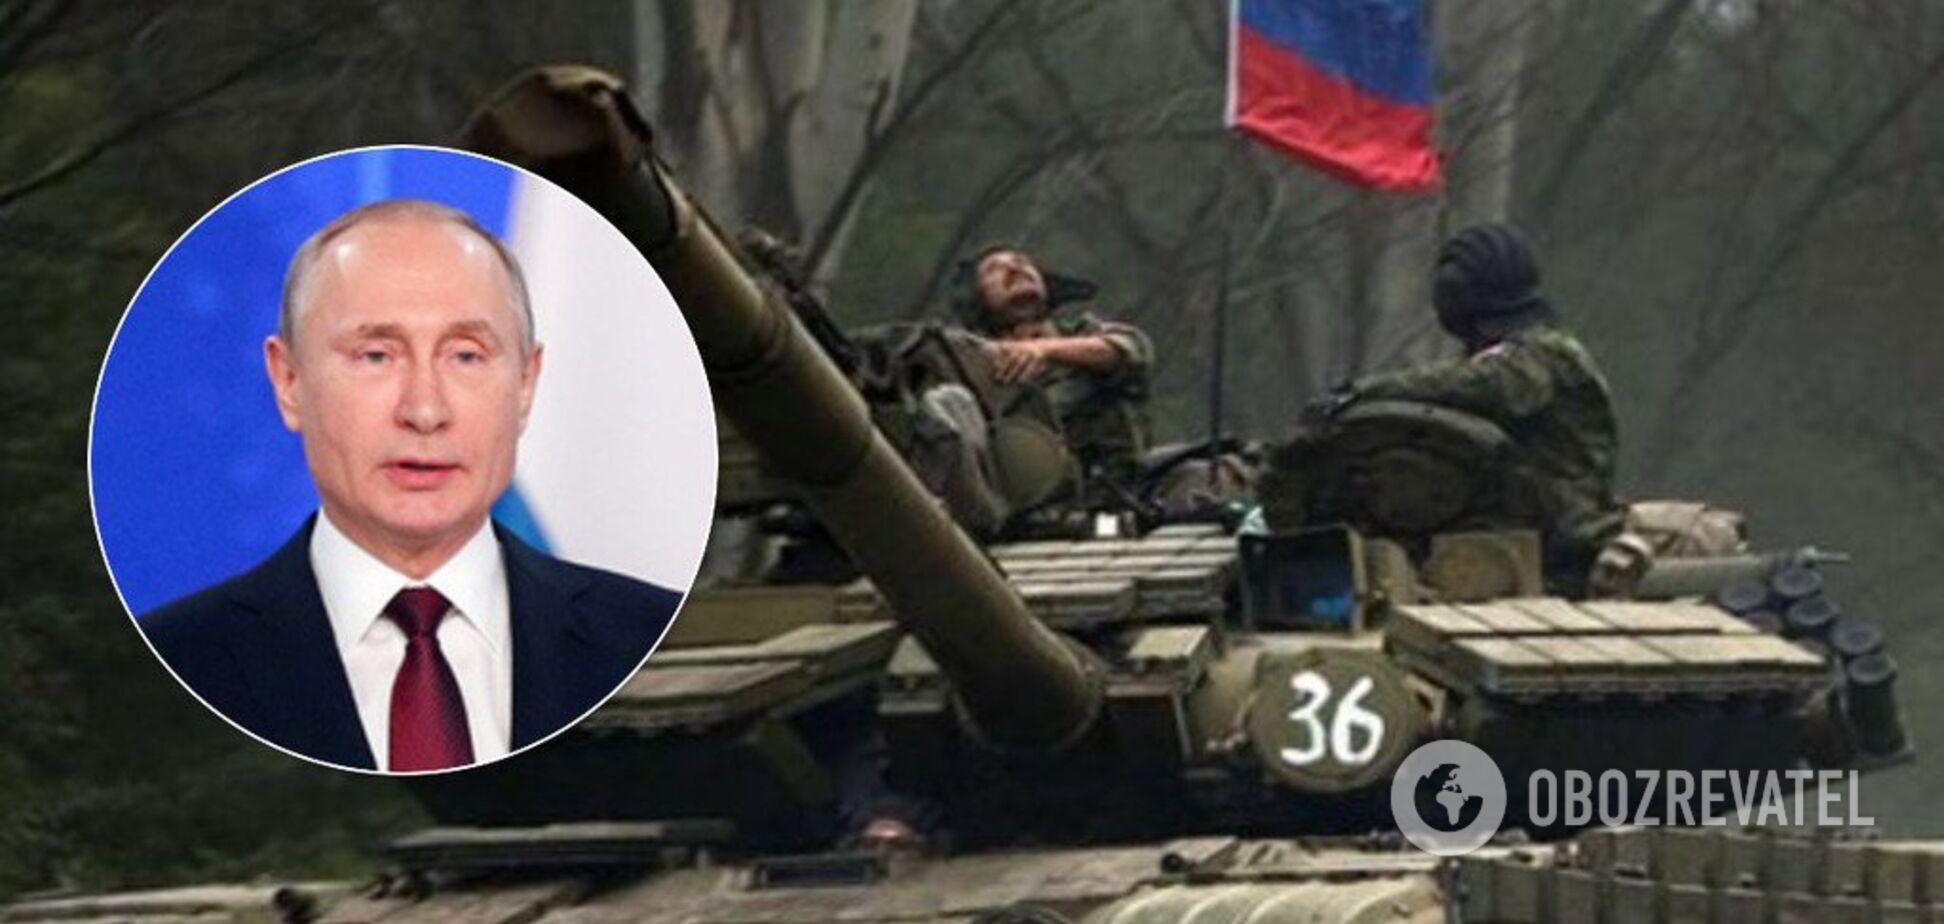 Удар с неба: Россия атаковала бойцов ВСУ со своей территории